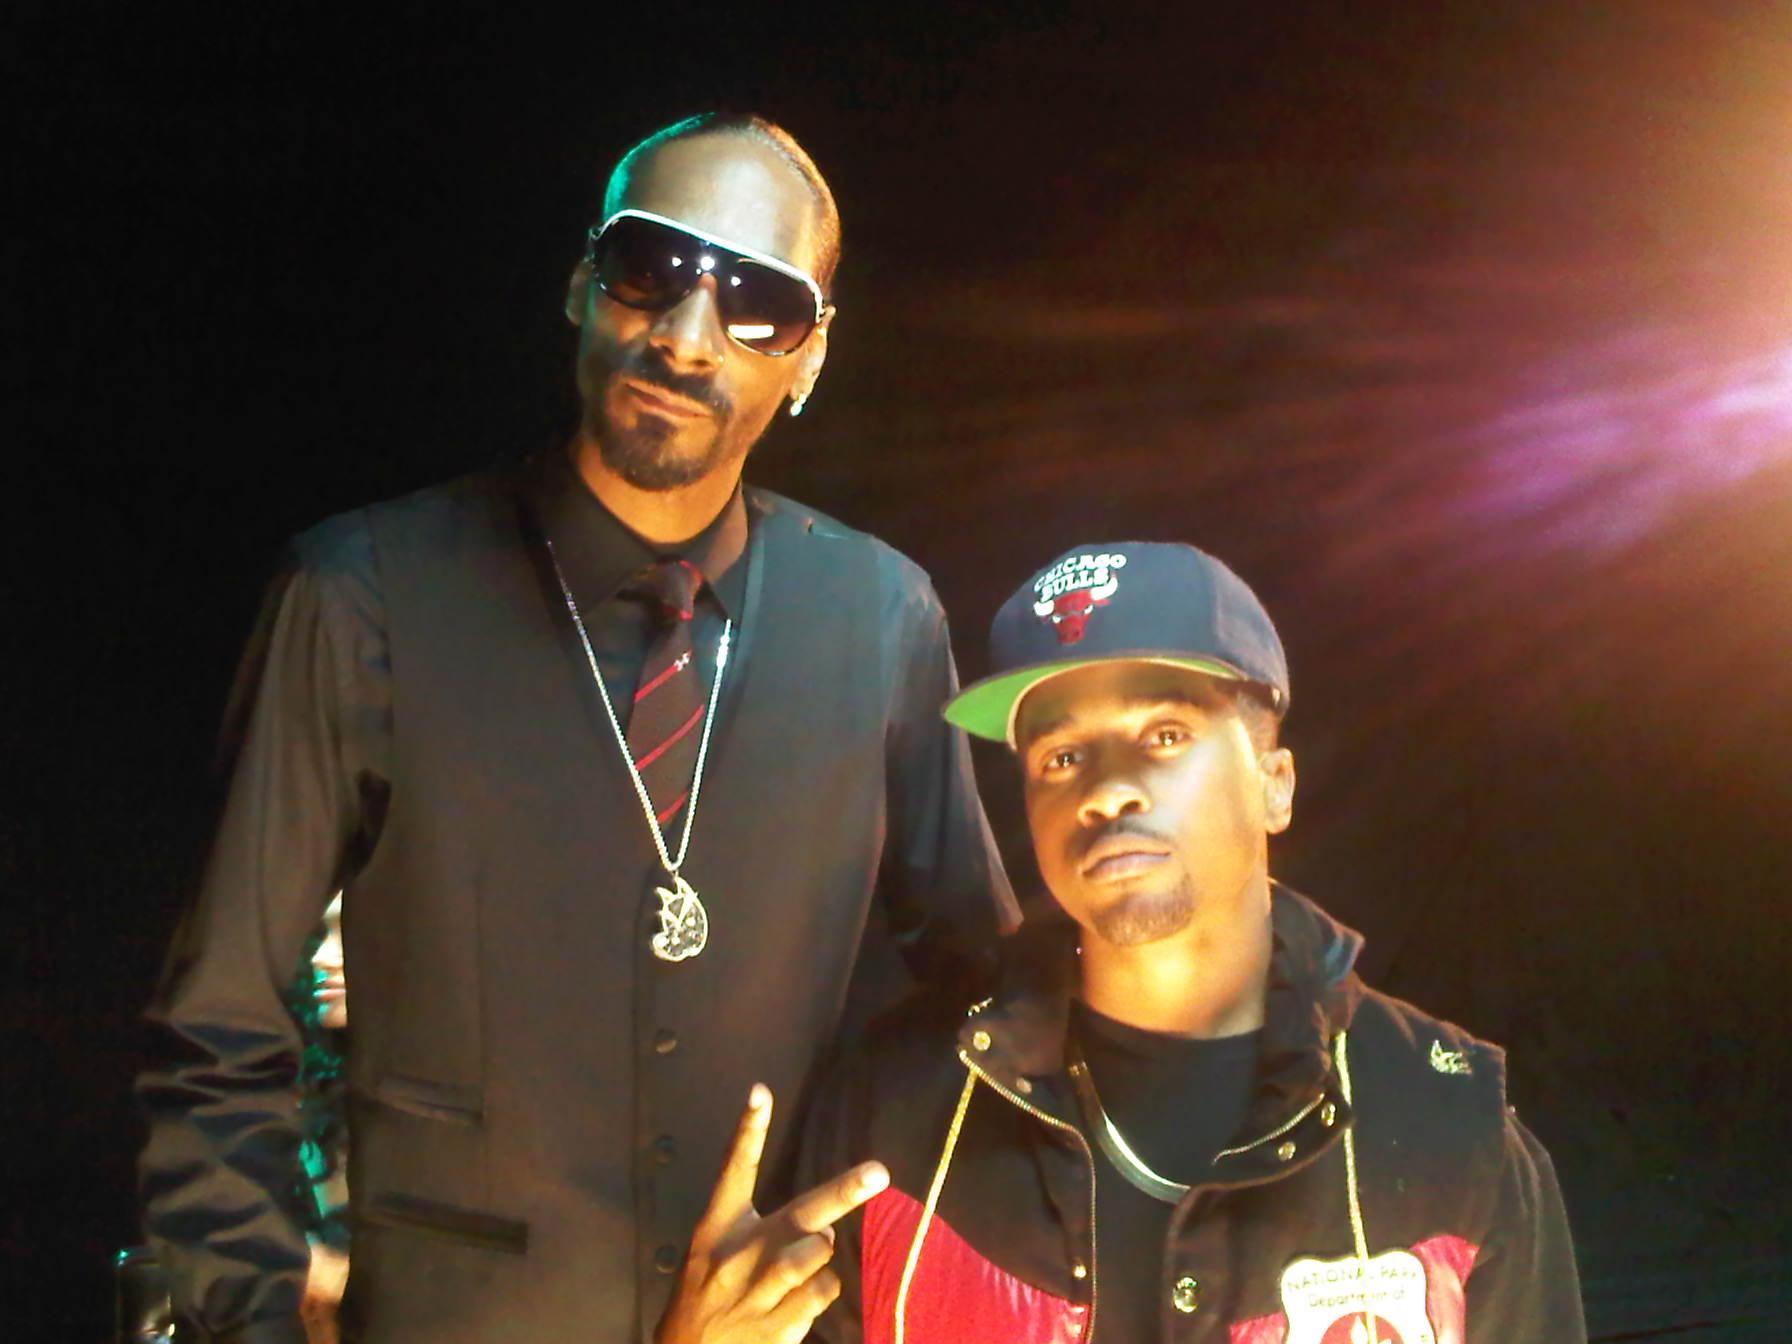 Снуп дог клип с порно, Snoop Dogg So Sexy клип песни смотреть онлайн 4 фотография